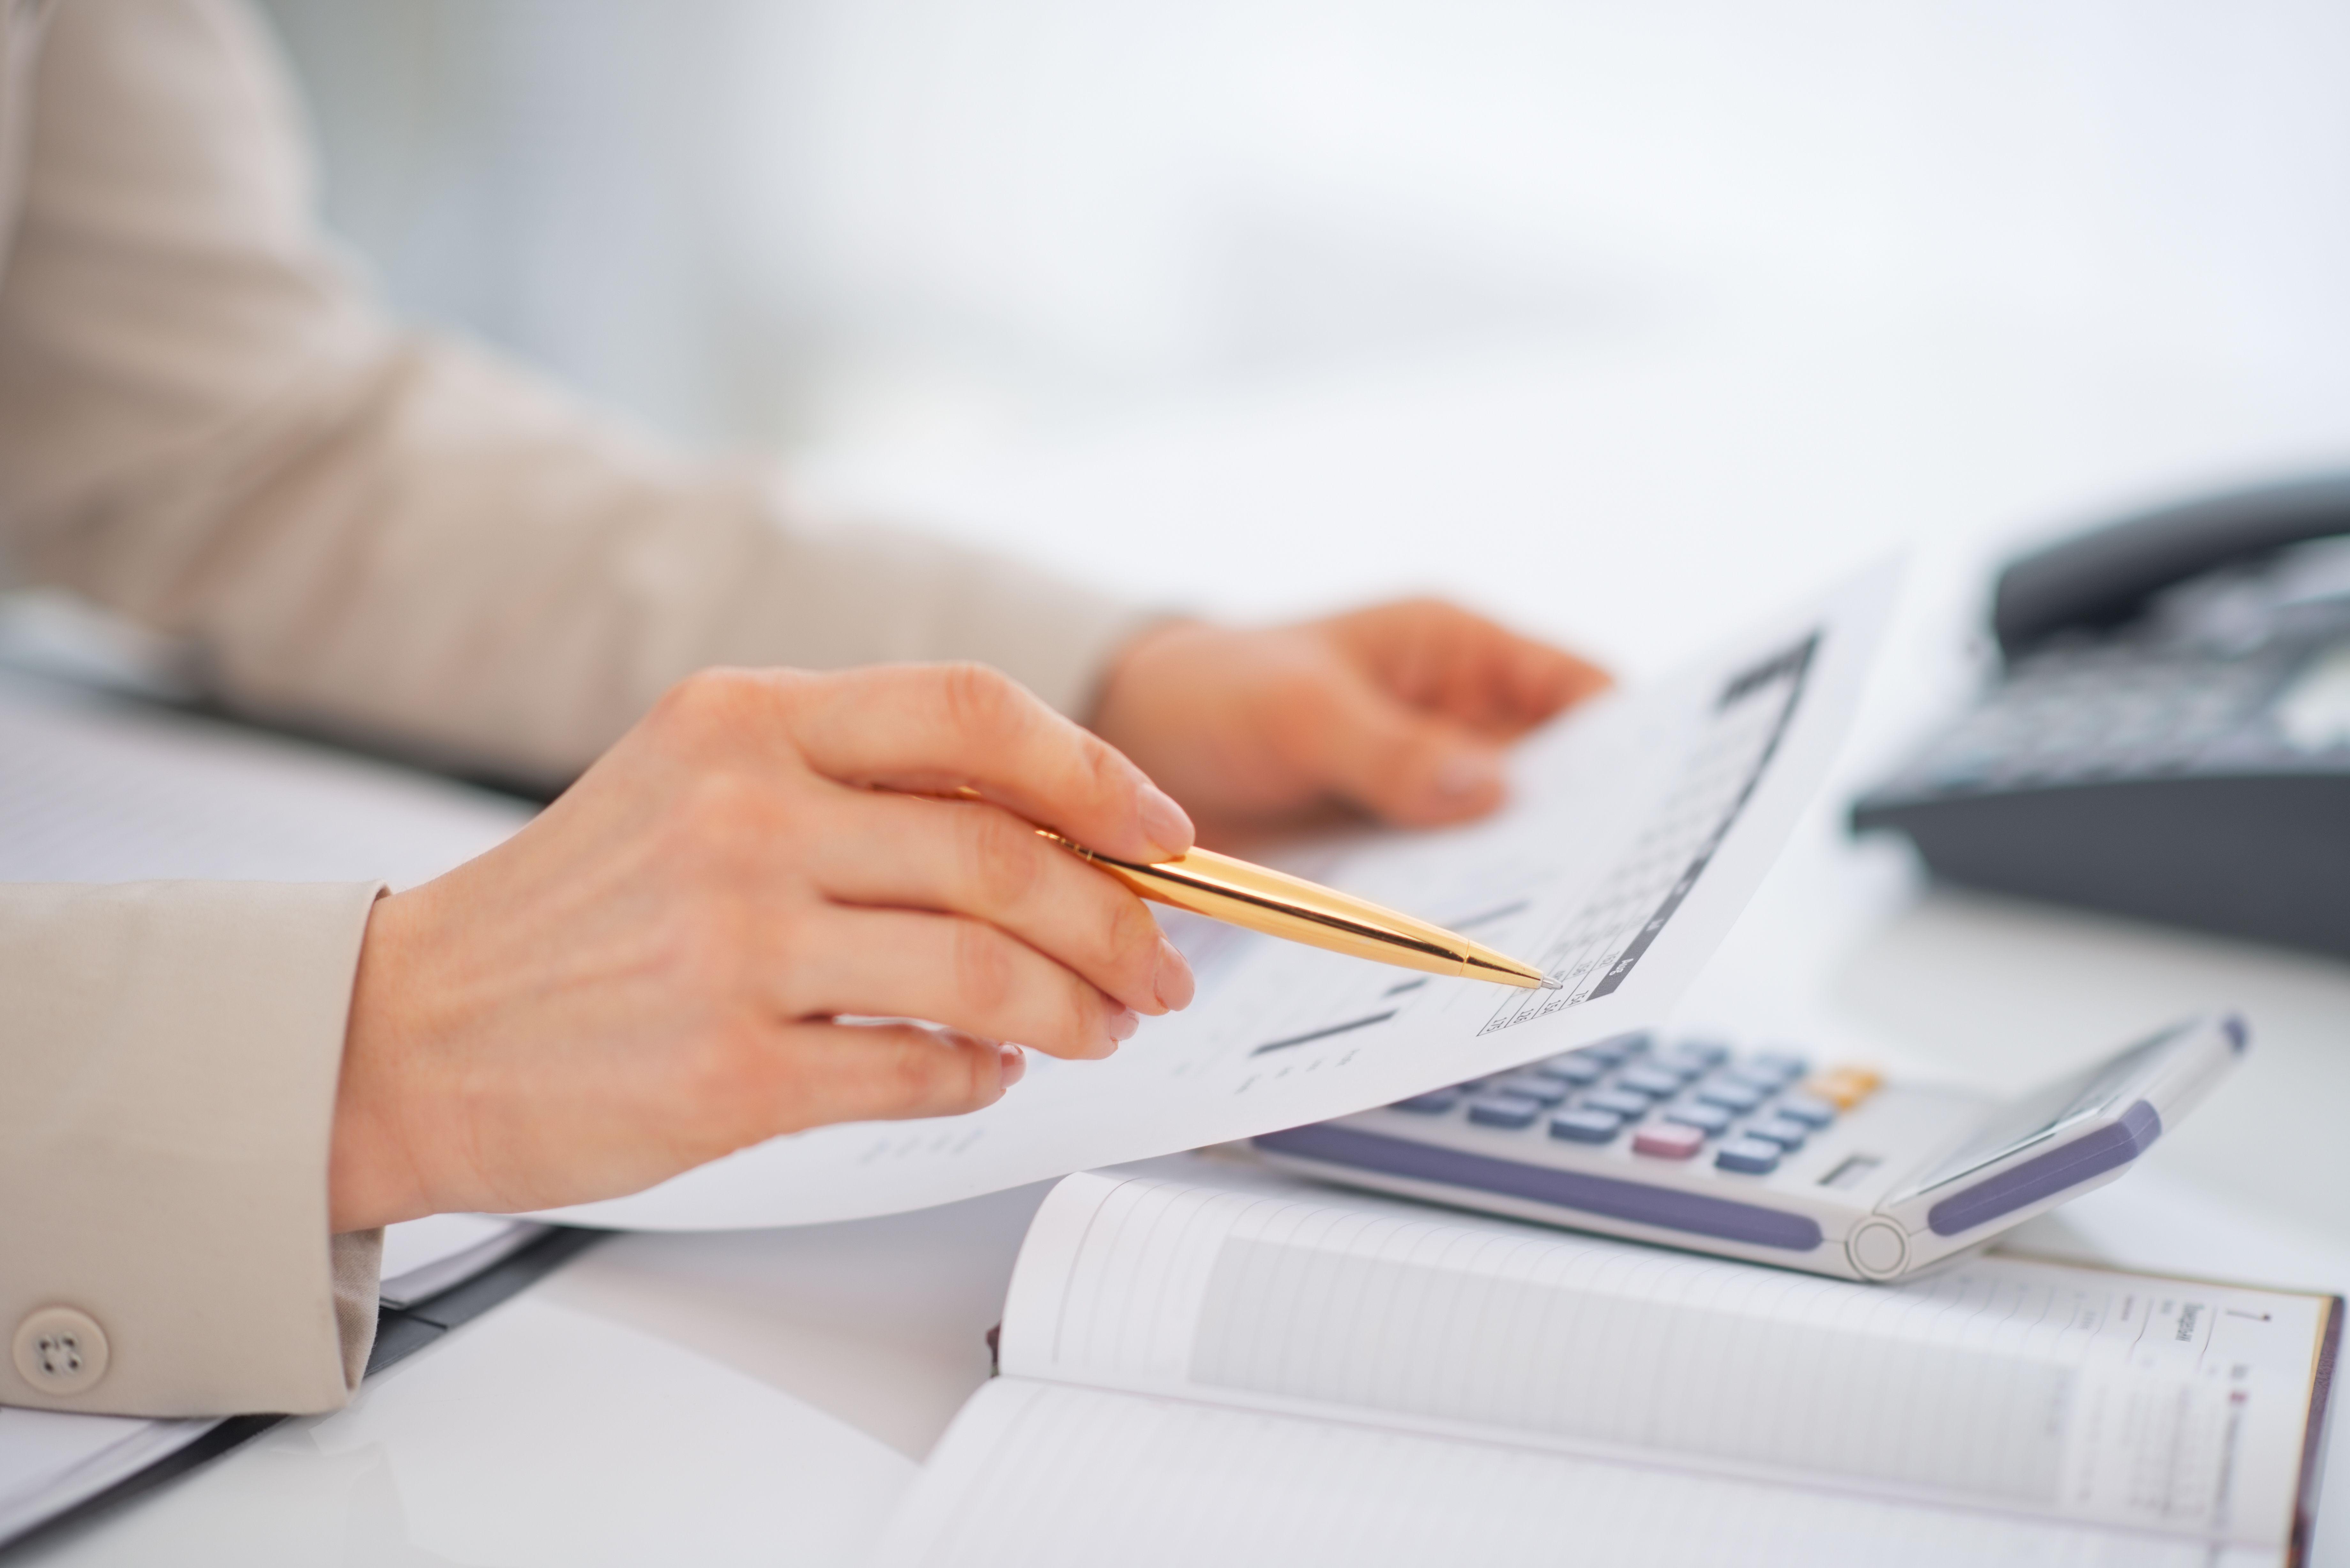 Asesoría experta en el área contable en Sevilla